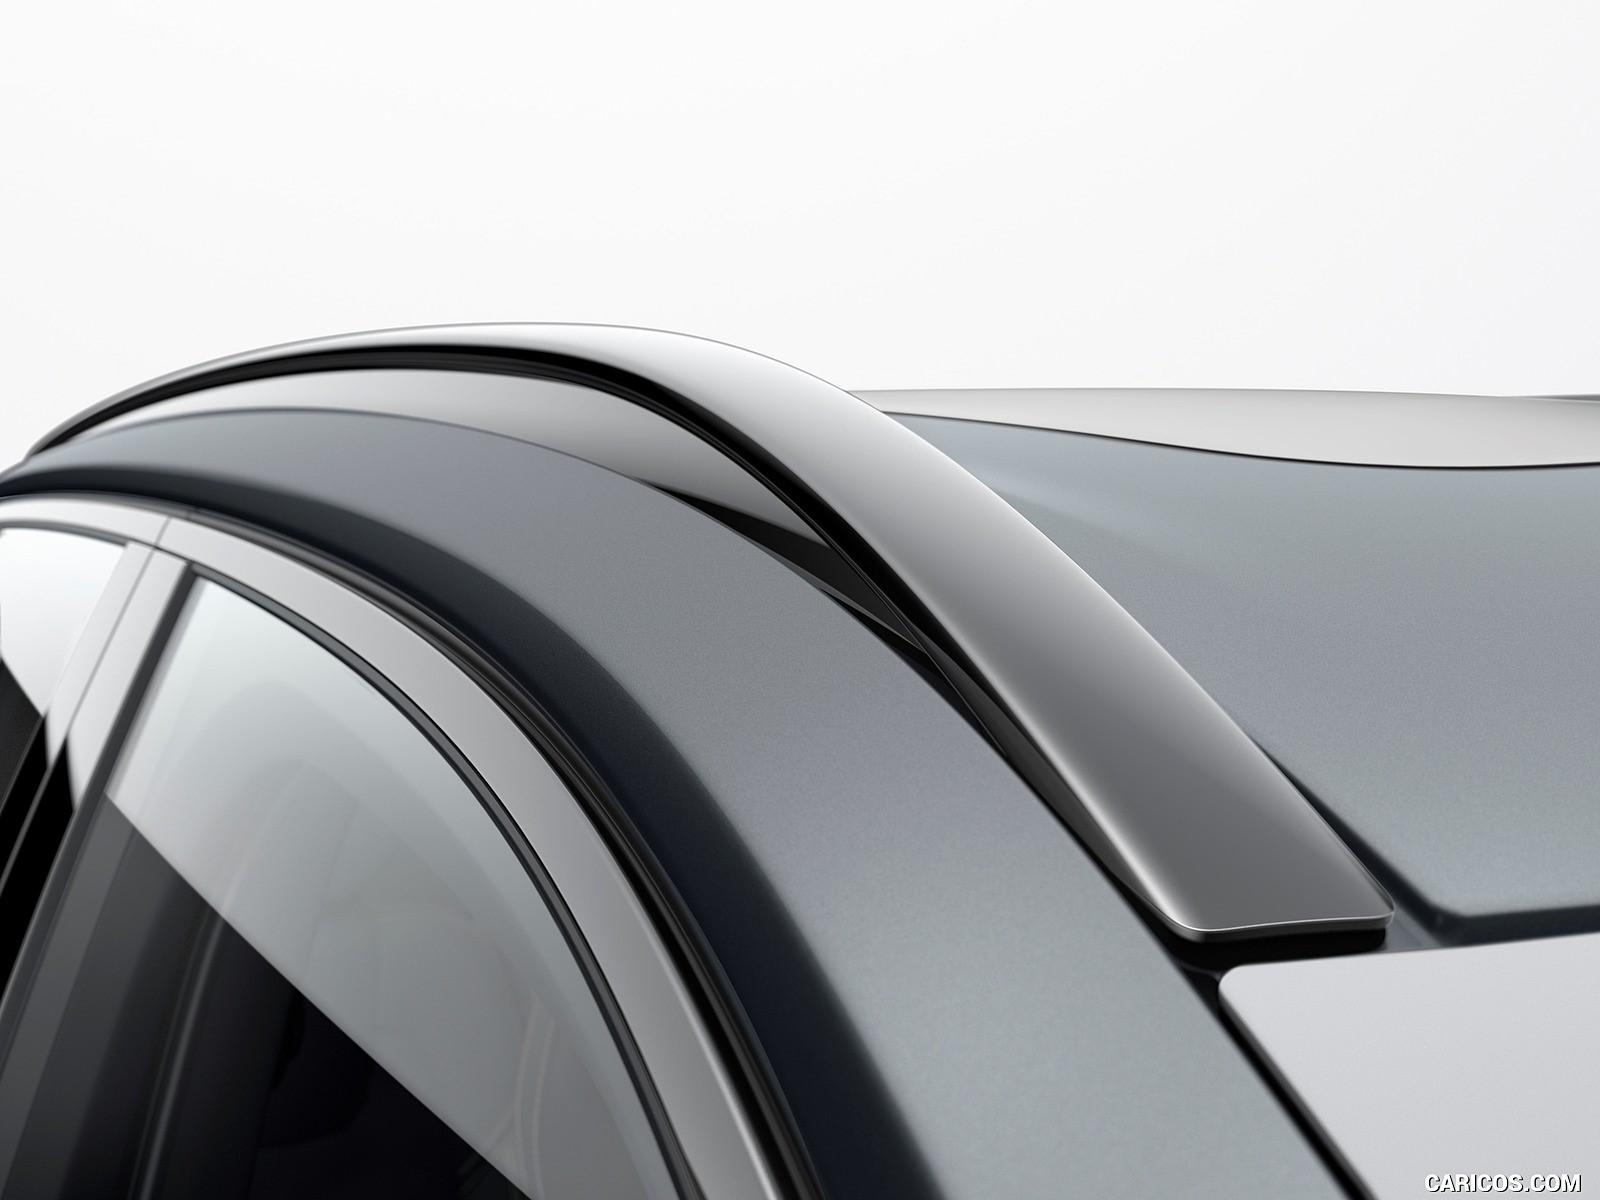 2020 Volvo XC90 hd fotoları